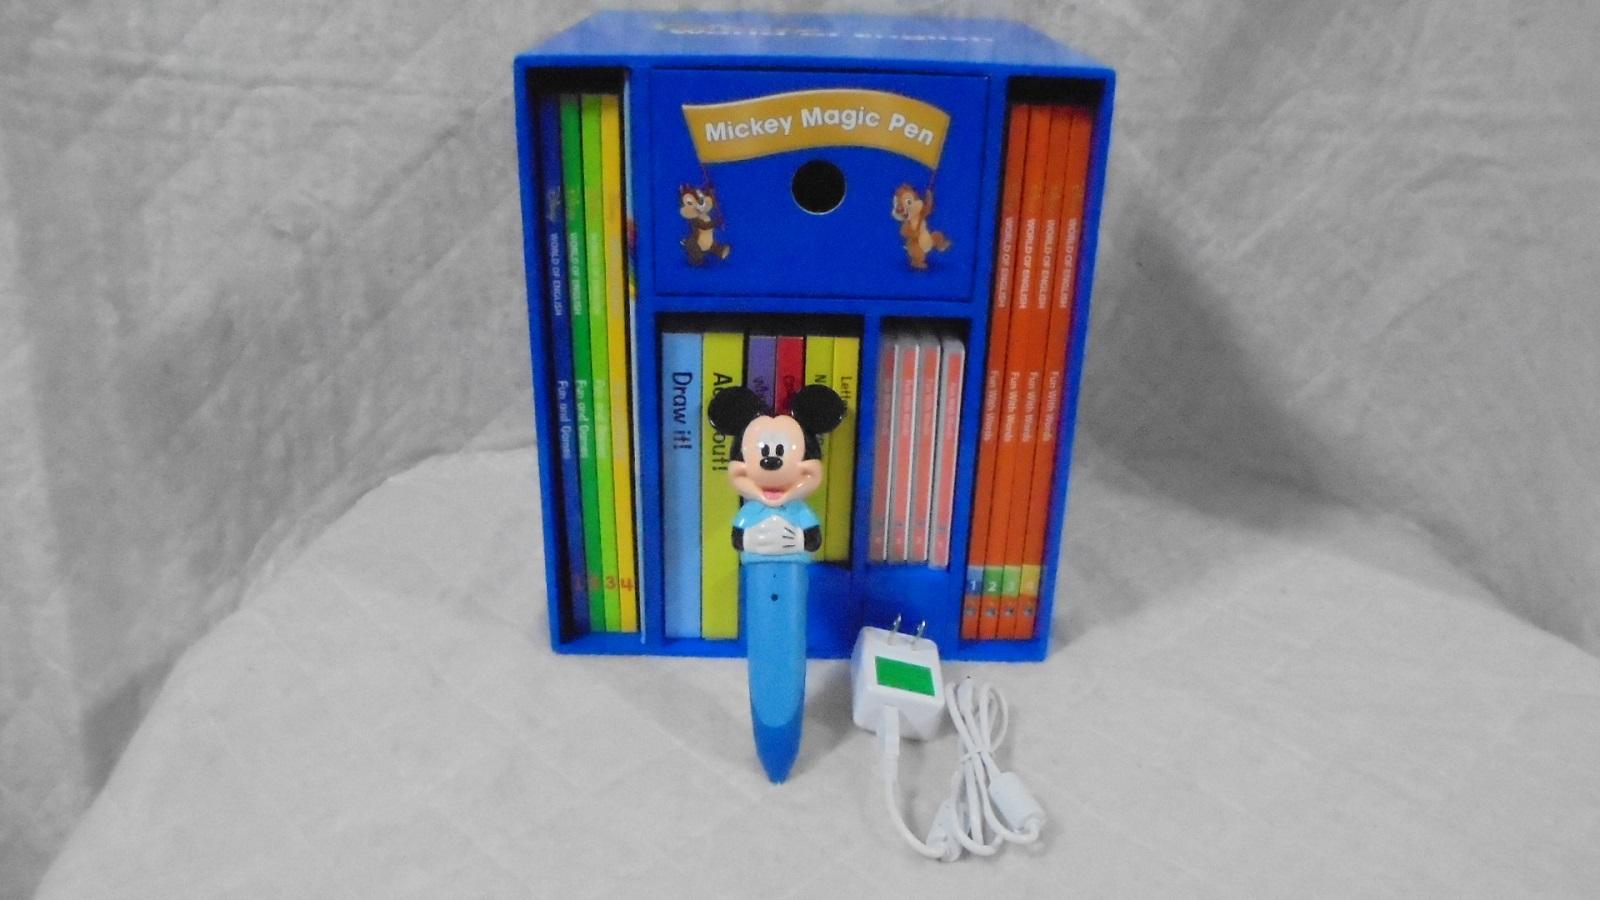 2019年4月17日発売 返品送料無料 最新版 超歓迎された ミッキーマジックペンセット g8465 DWEディズニー英語システム 中古 ワールドファミリー